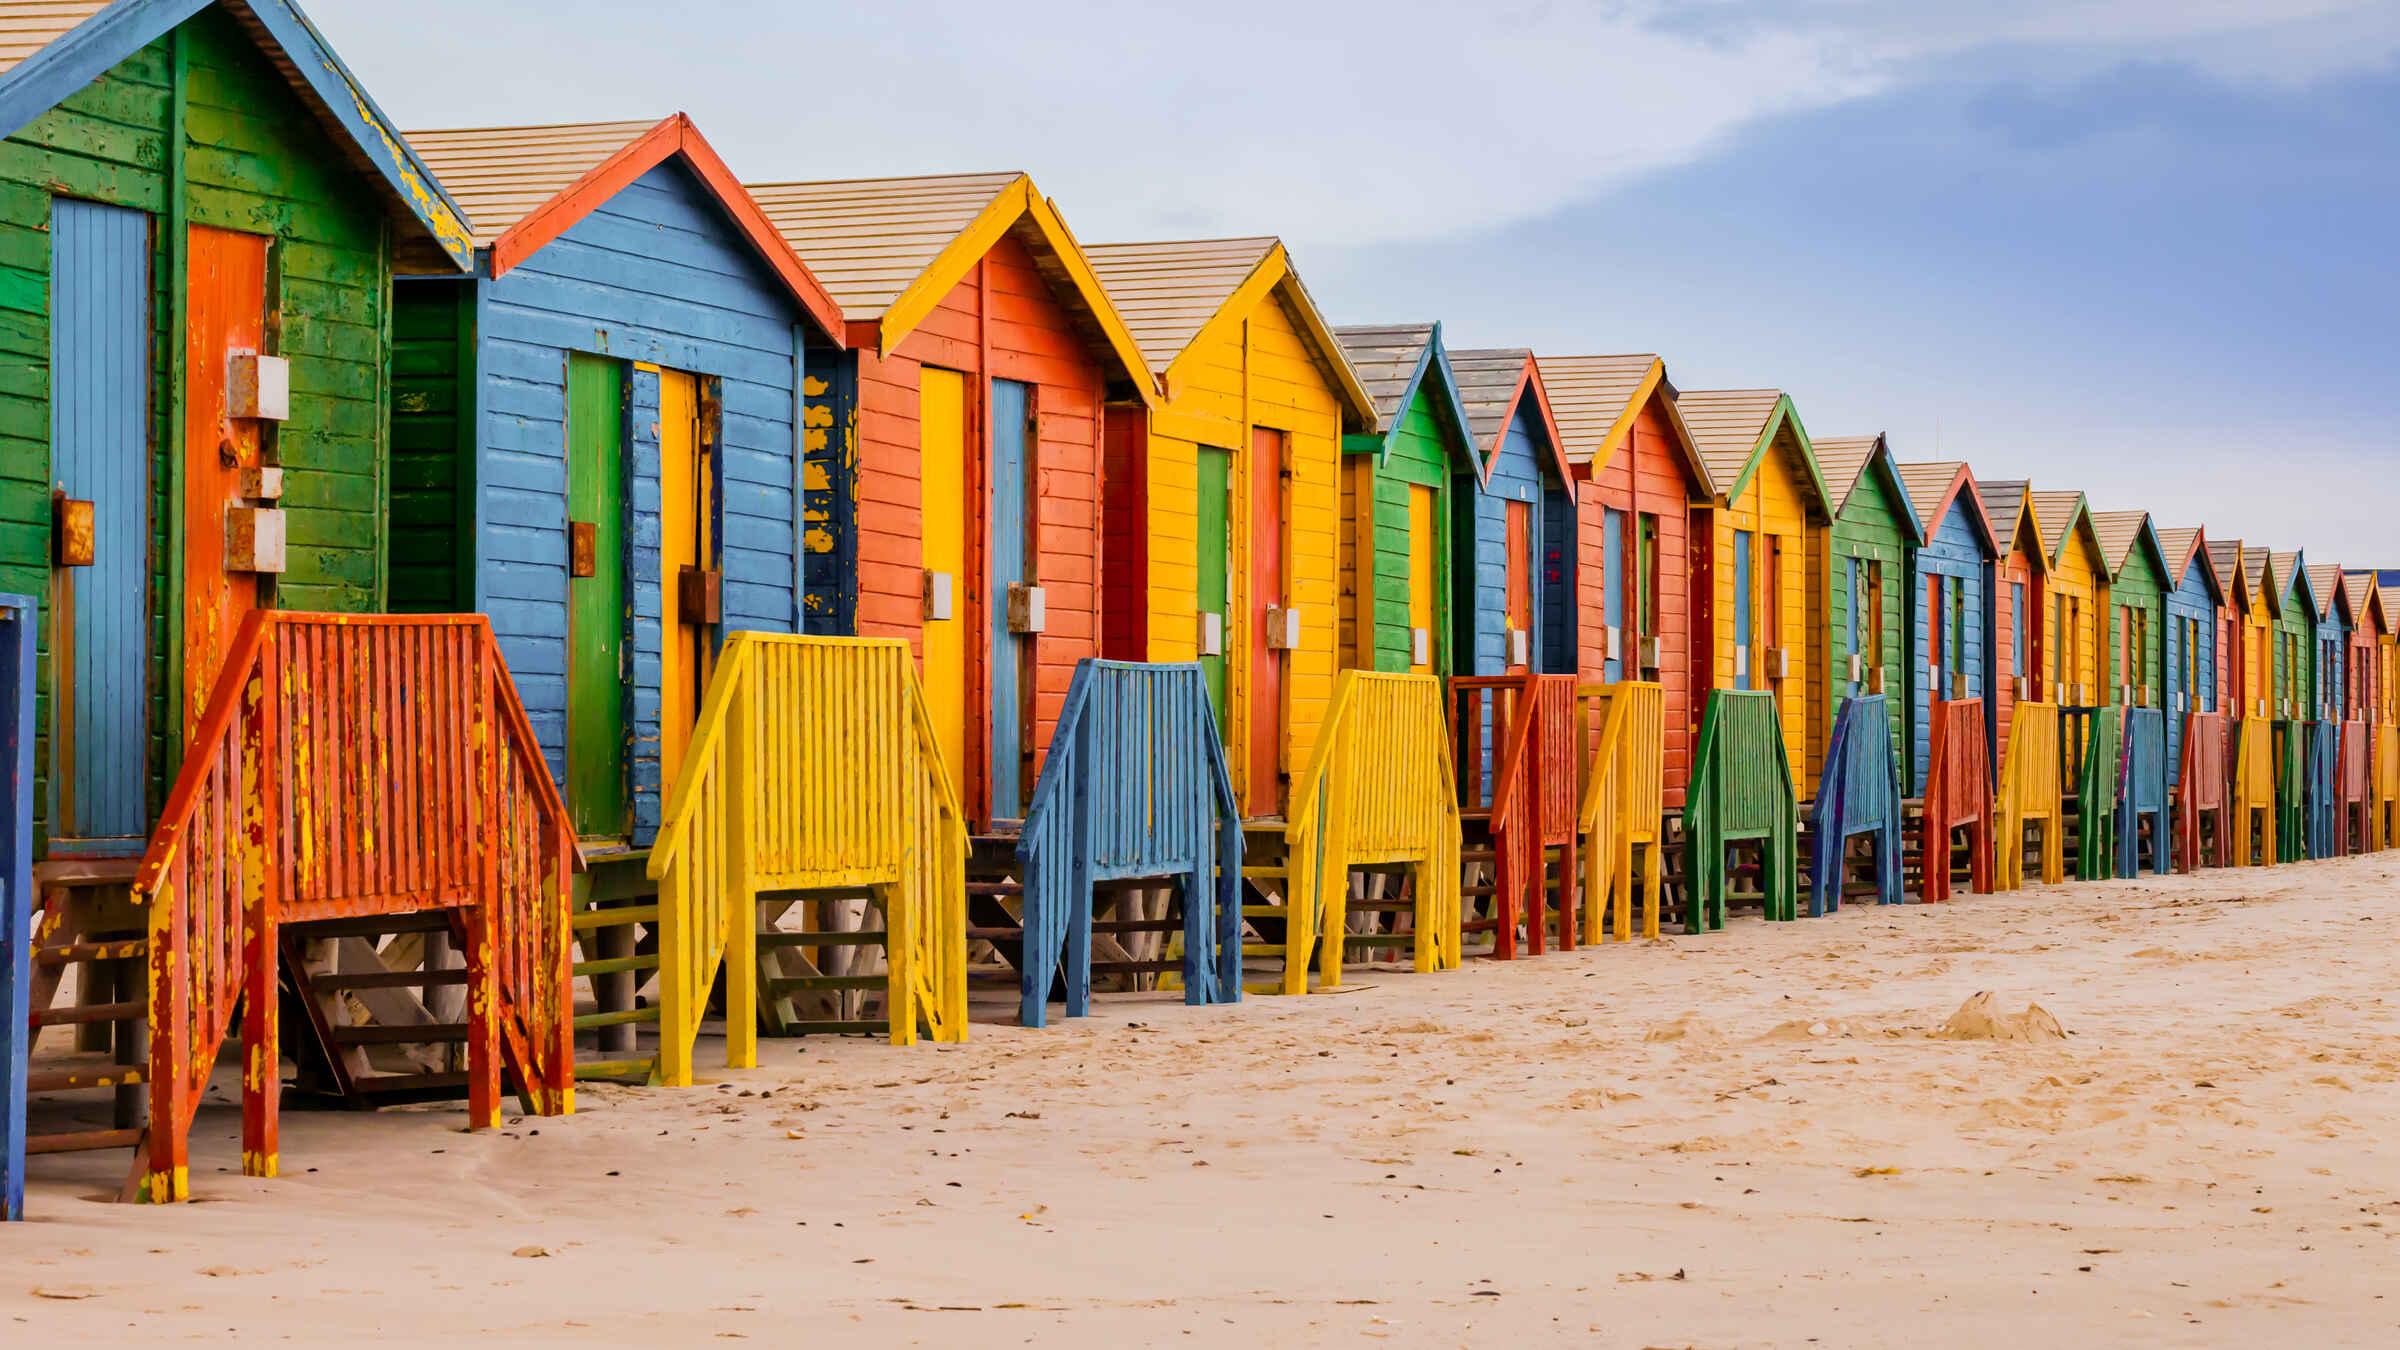 Cape Town to Addo: 3-Day One-Way Garden Route & Safari Tour